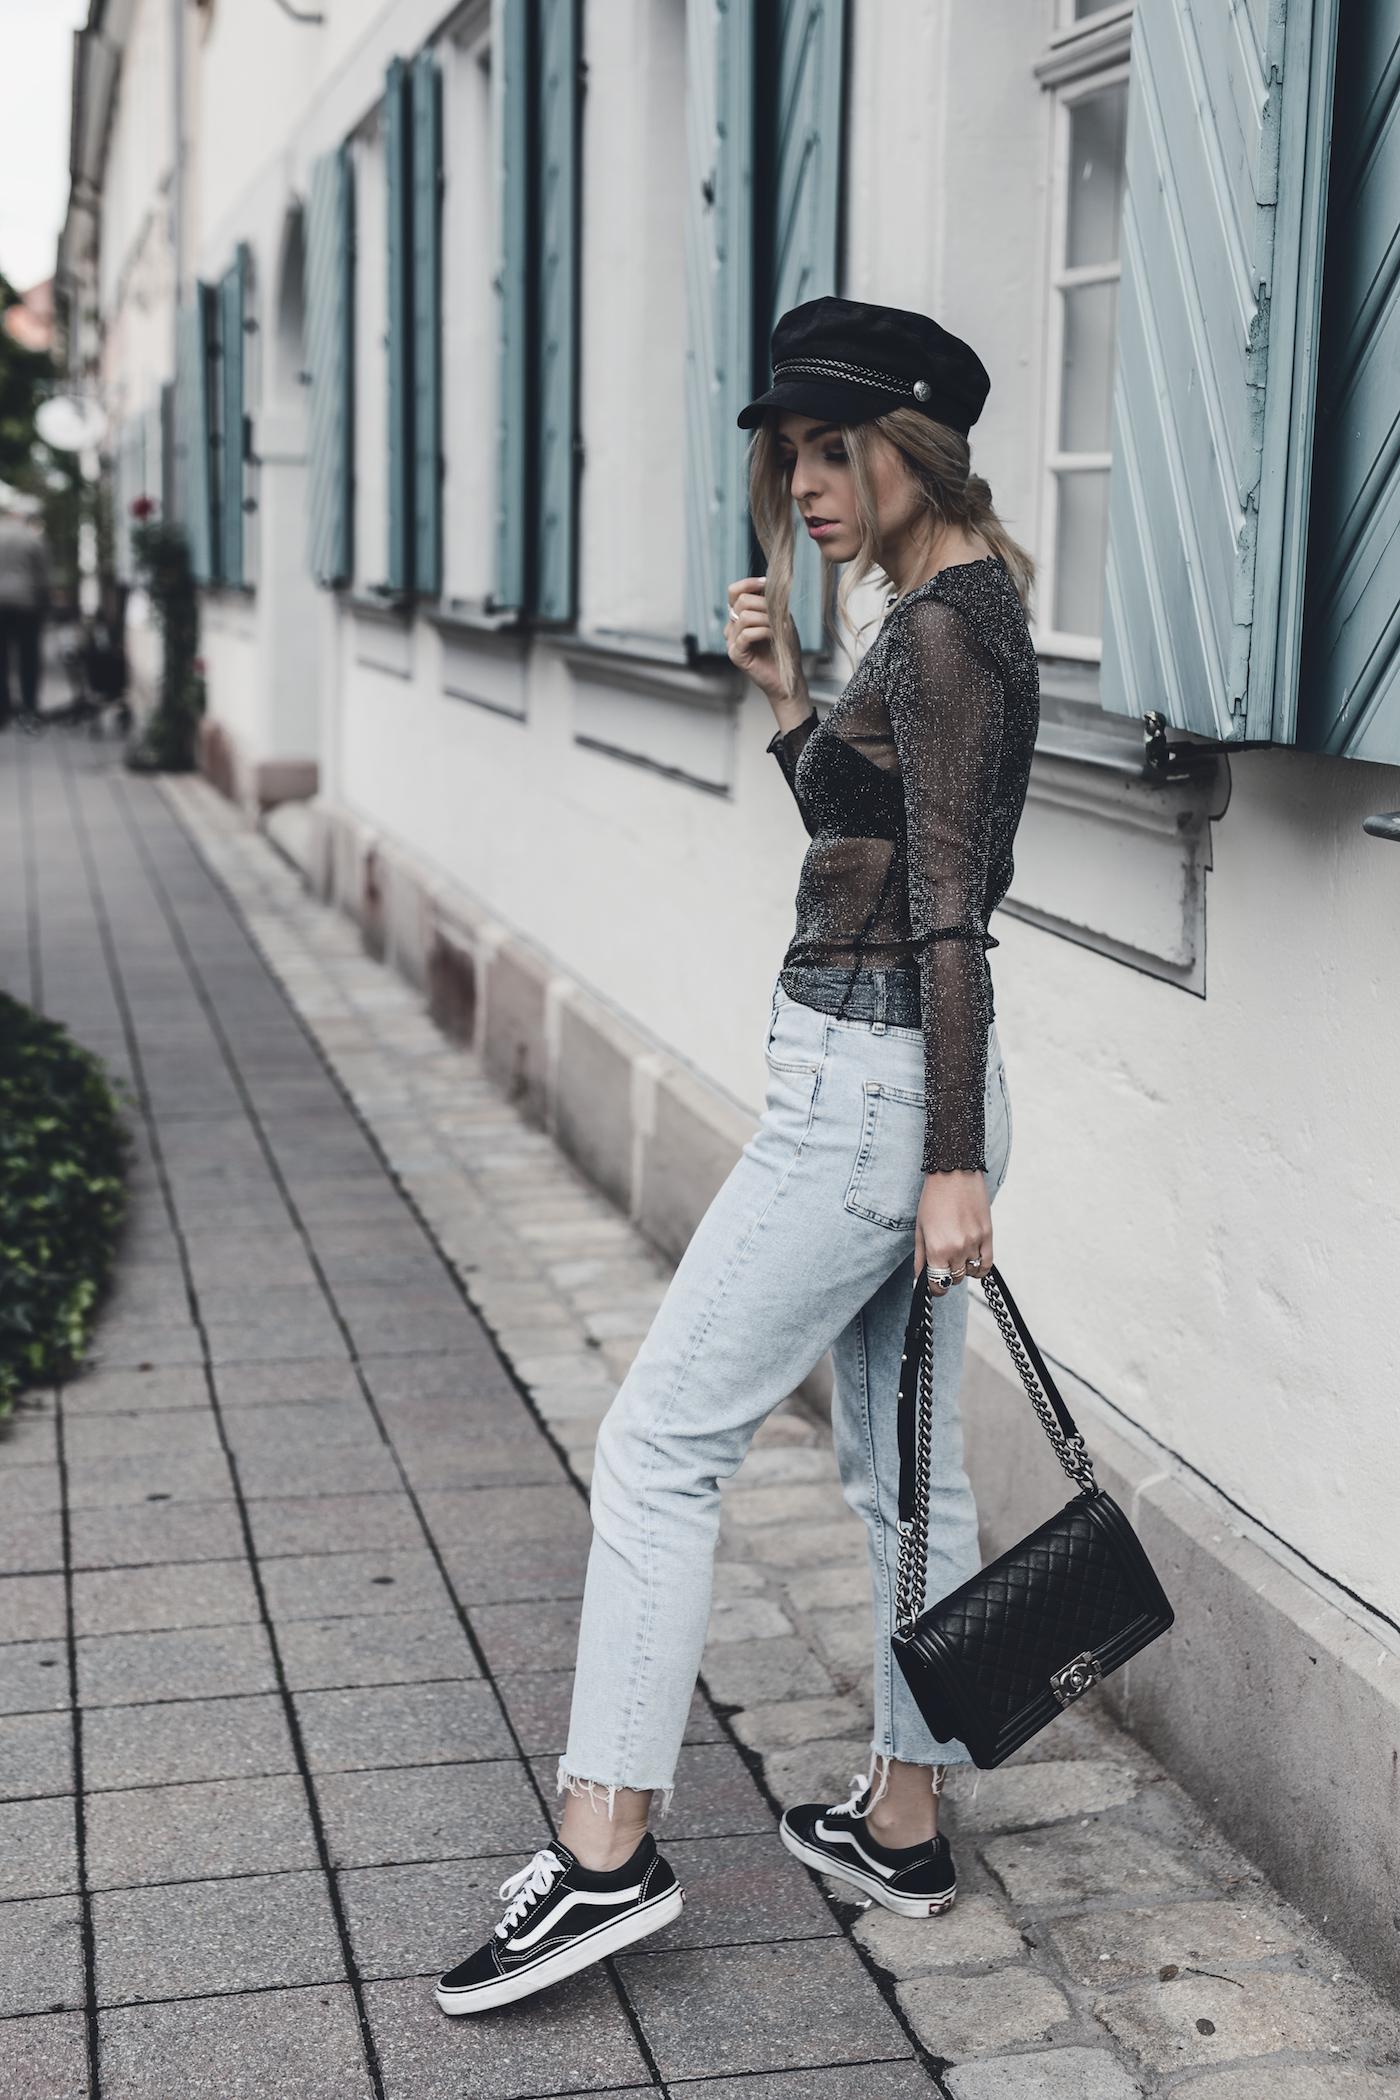 Baker Boy Hat Trend 2017 Fall Autumn Outfit Ideas  d08ff559f14